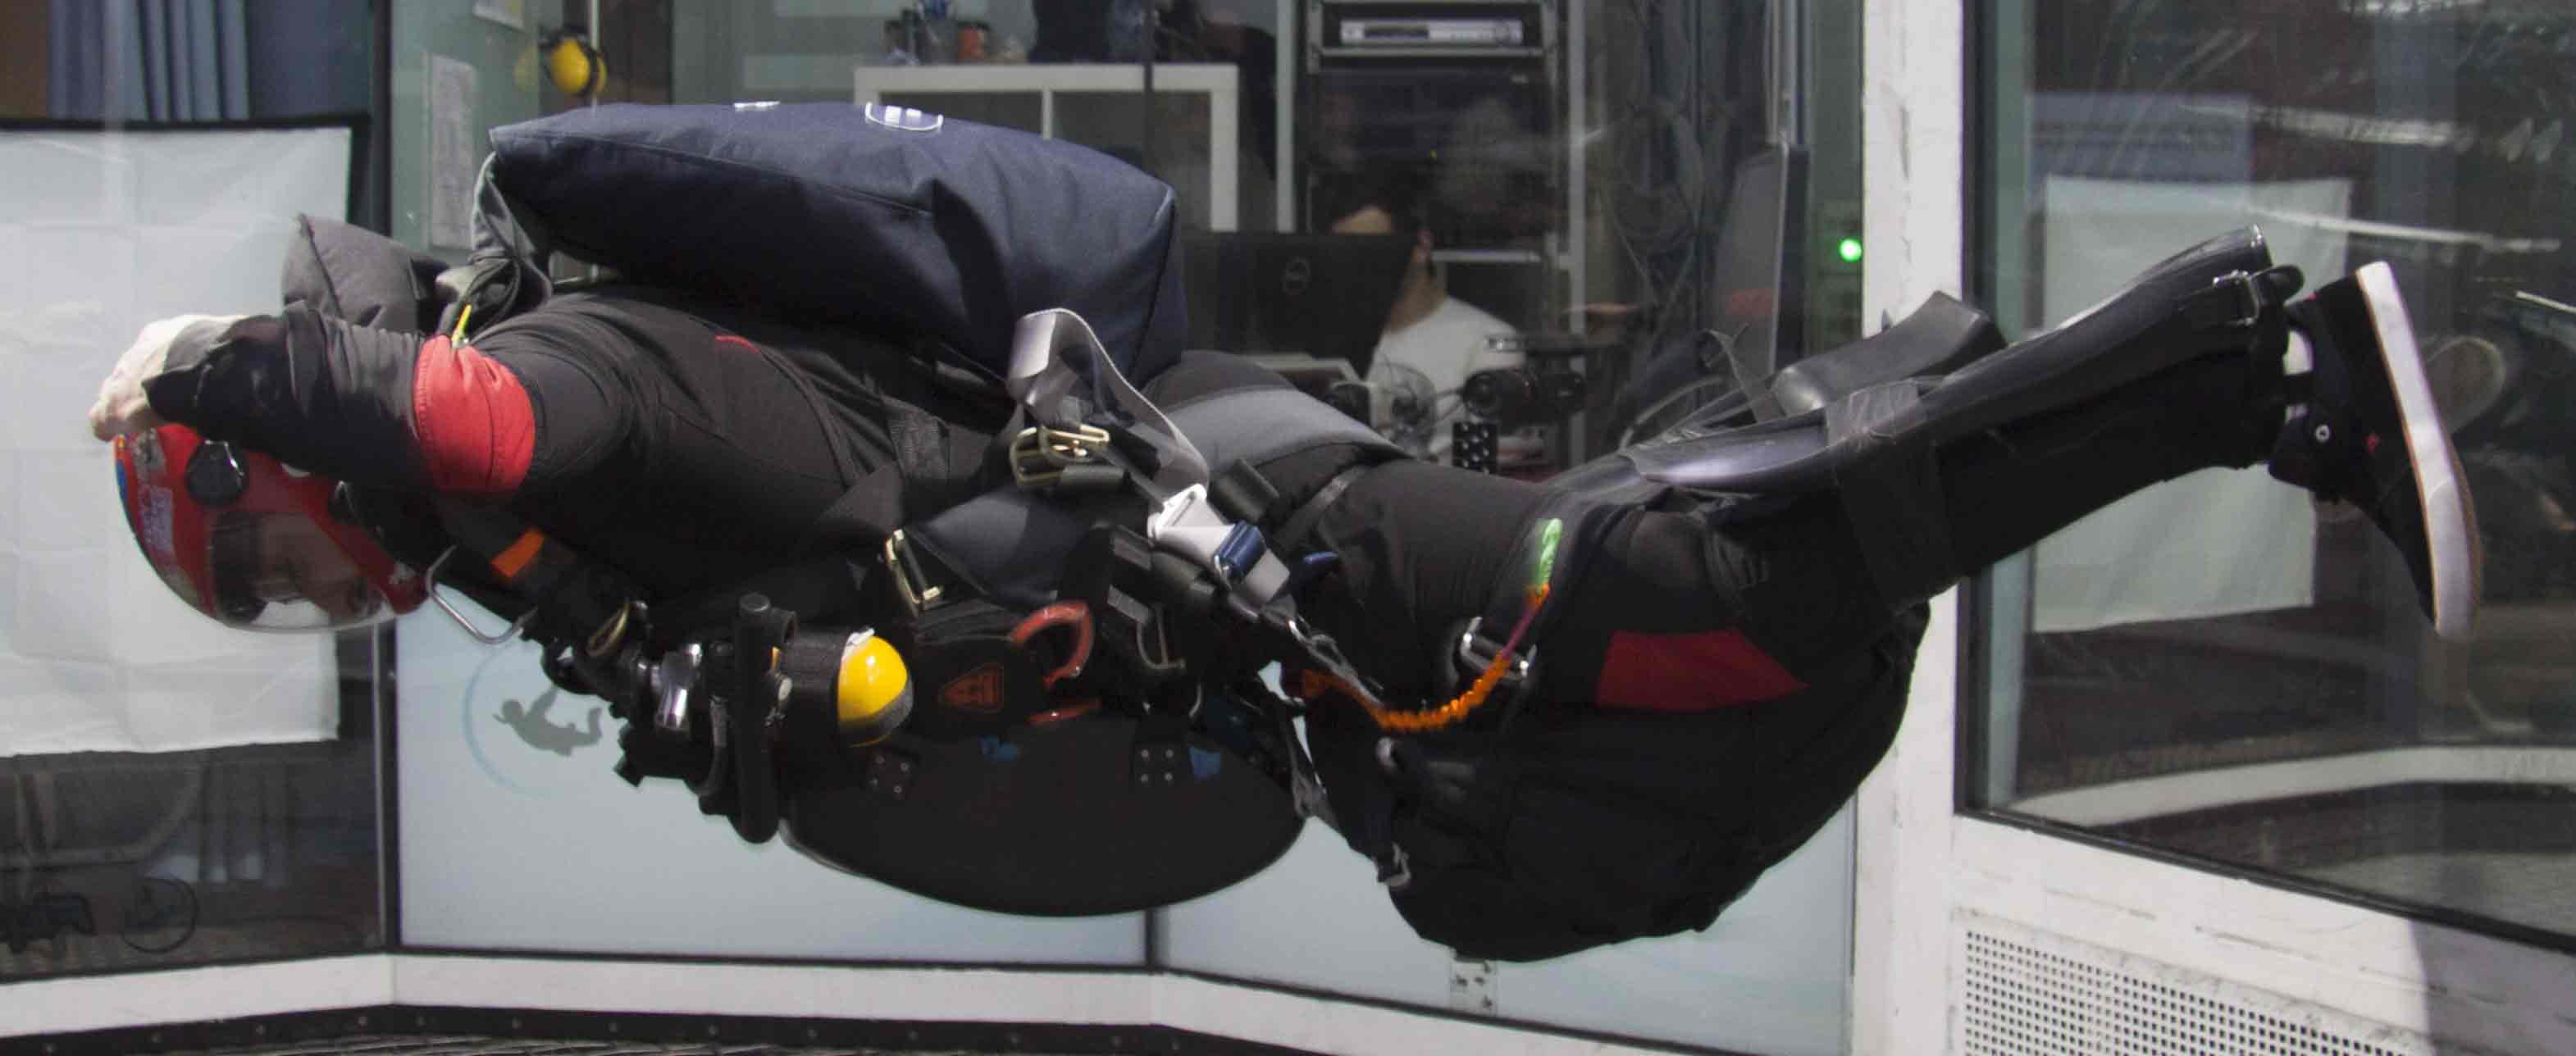 инструкция по применению воздушно дыхательных аппаратов